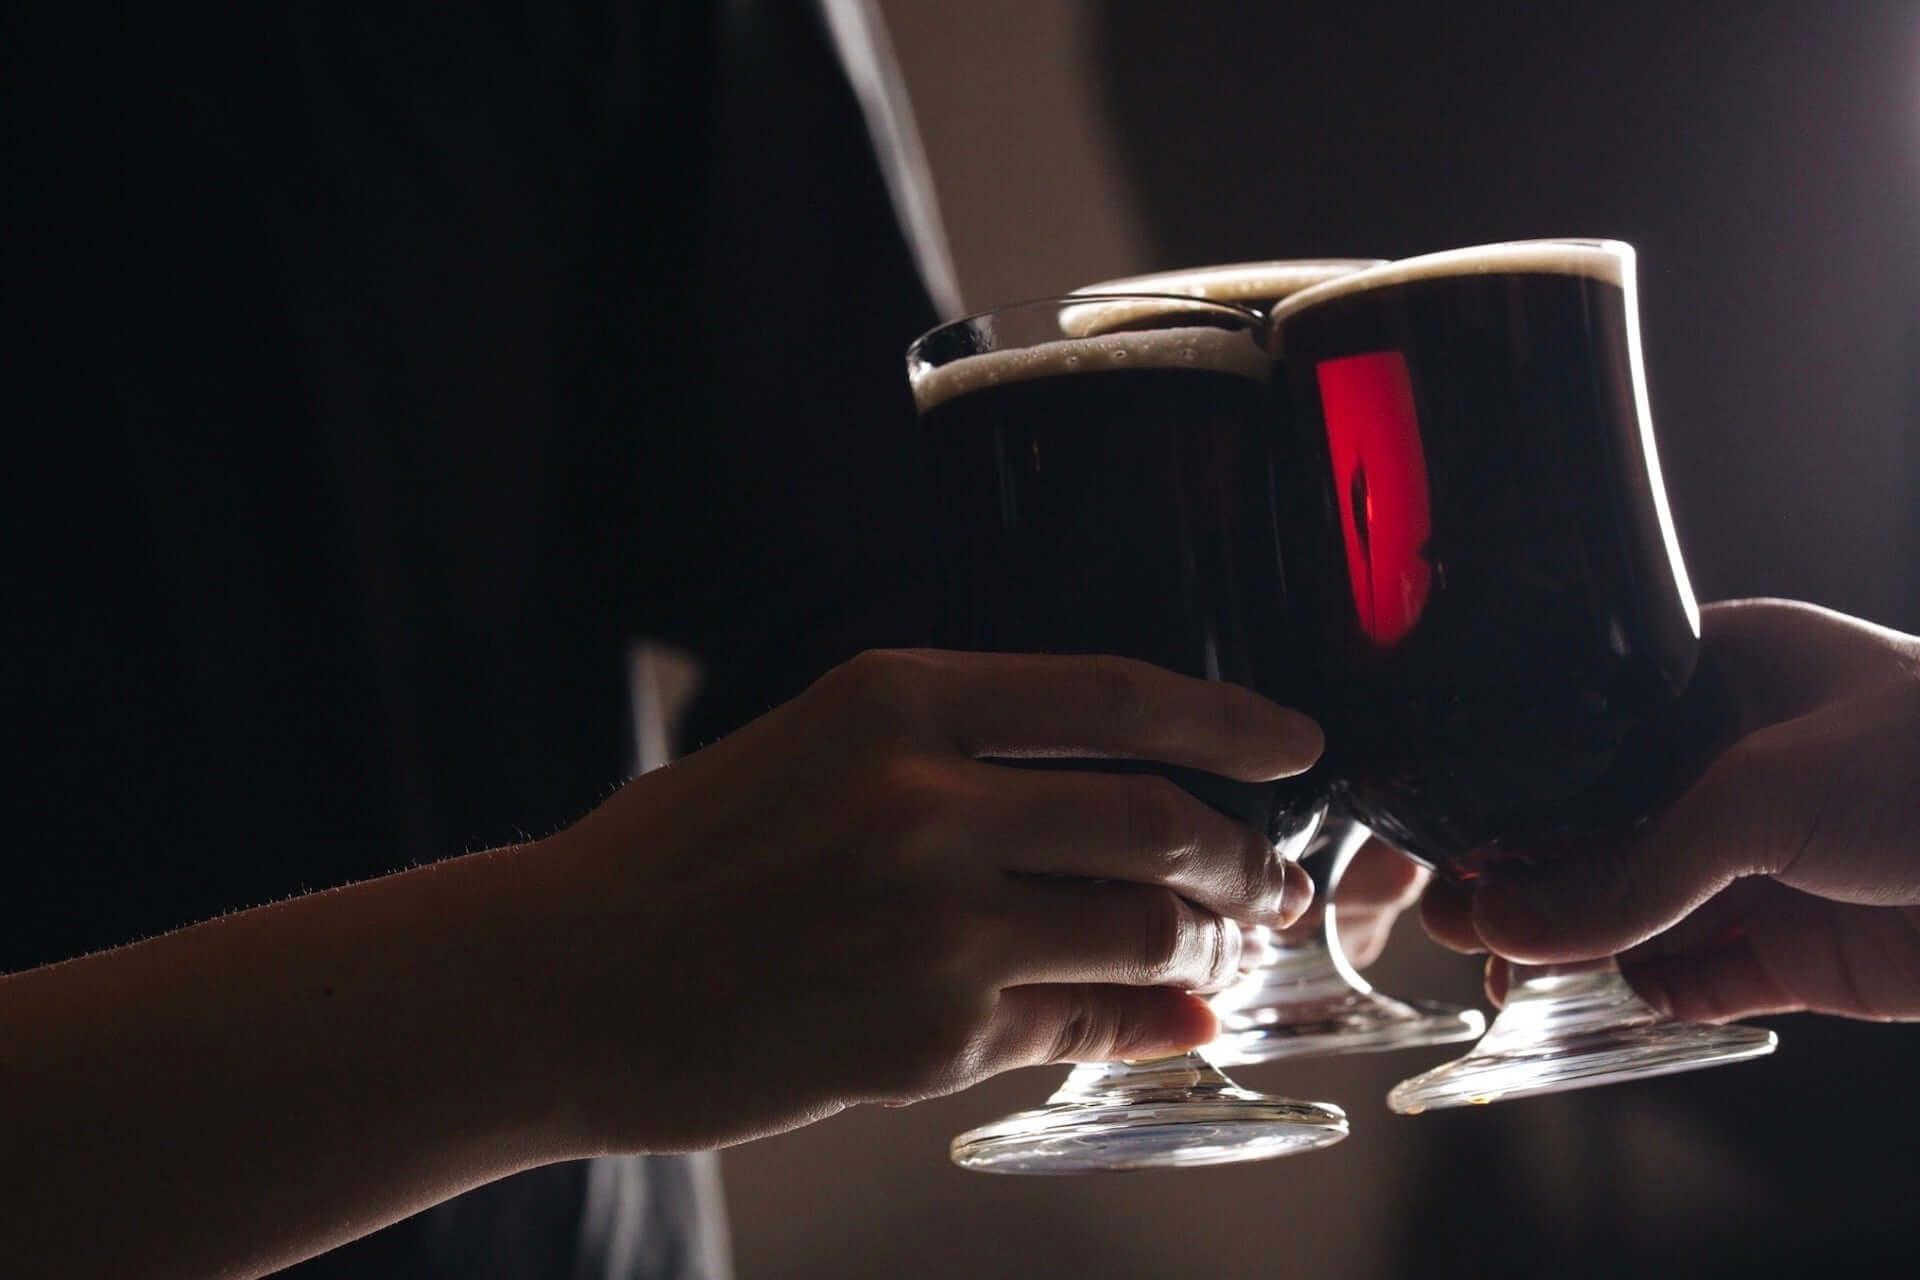 コオロギを原料に使用したクラフトビール『コオロギビール』がクラウドファンディングにて発売開始!オンライン飲み会にも gourmet200525_cricket_darkale_5-1920x1280